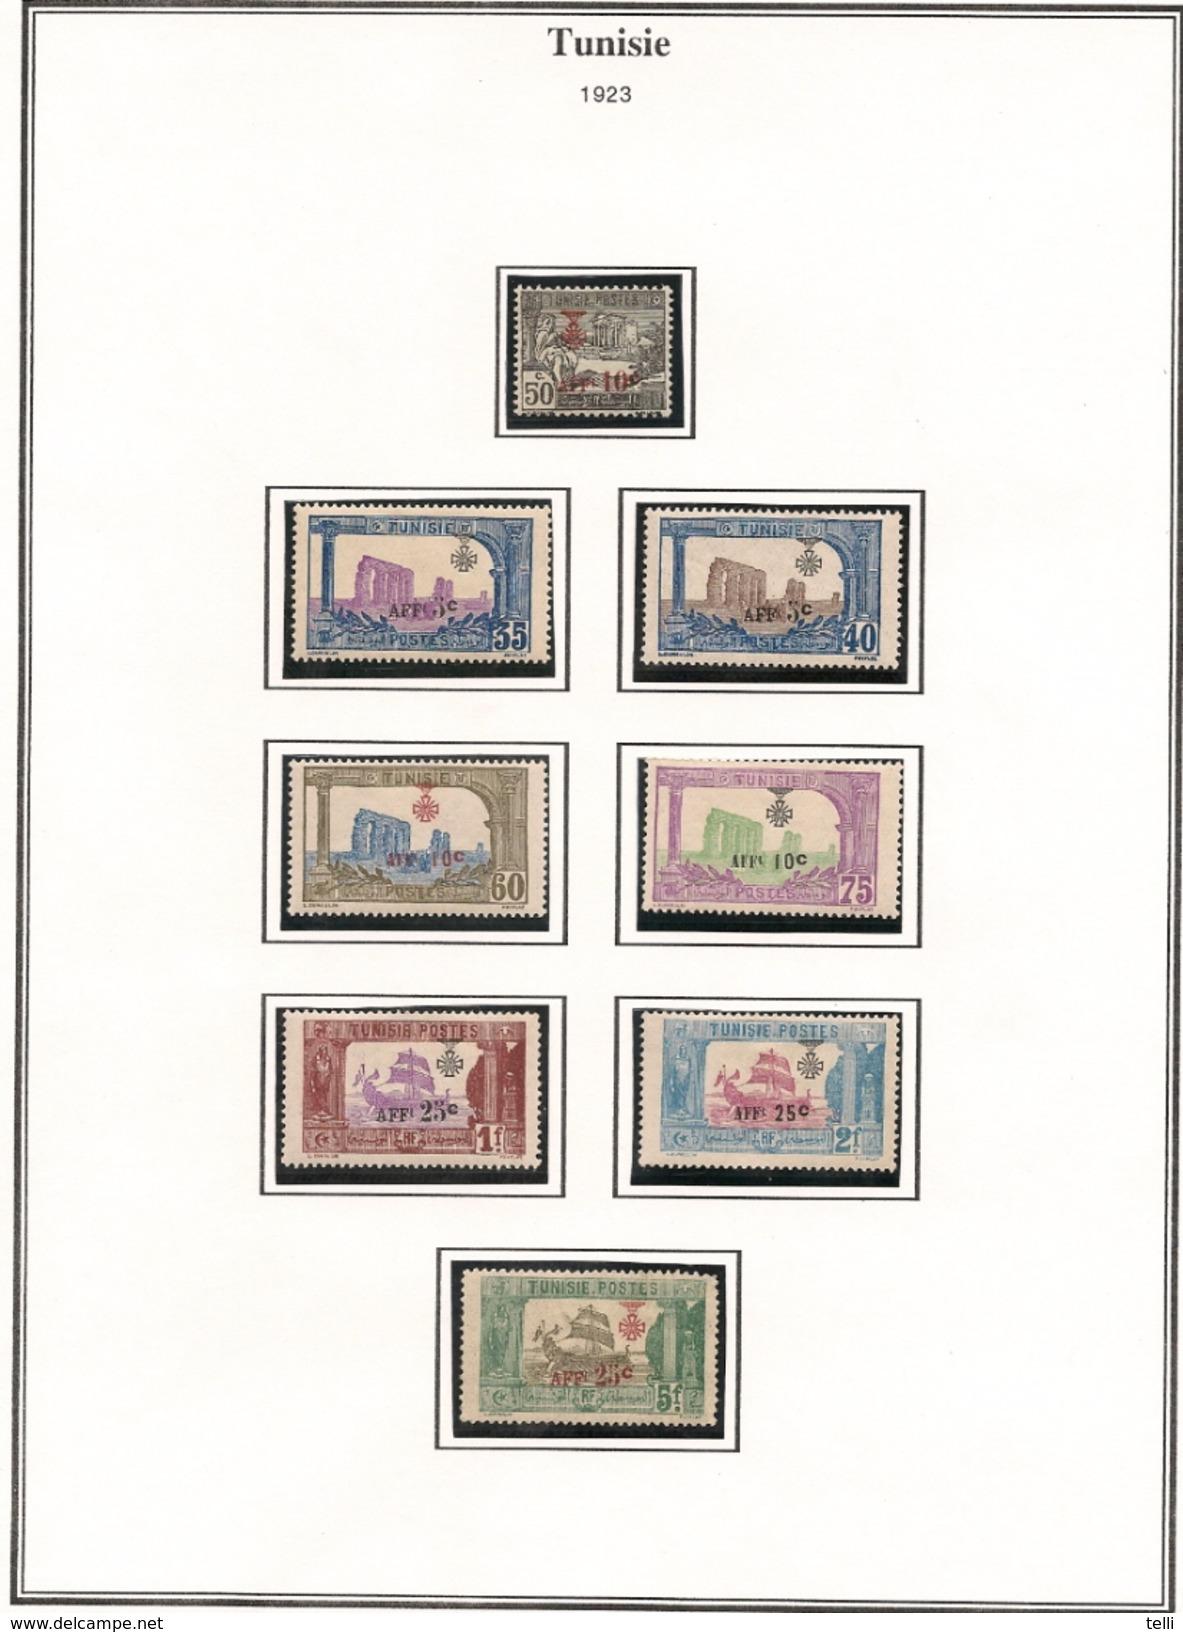 TUNISIE Scott B20-B36 Yvert 79-95 (17) *VLH Cote 180 $ - Neufs